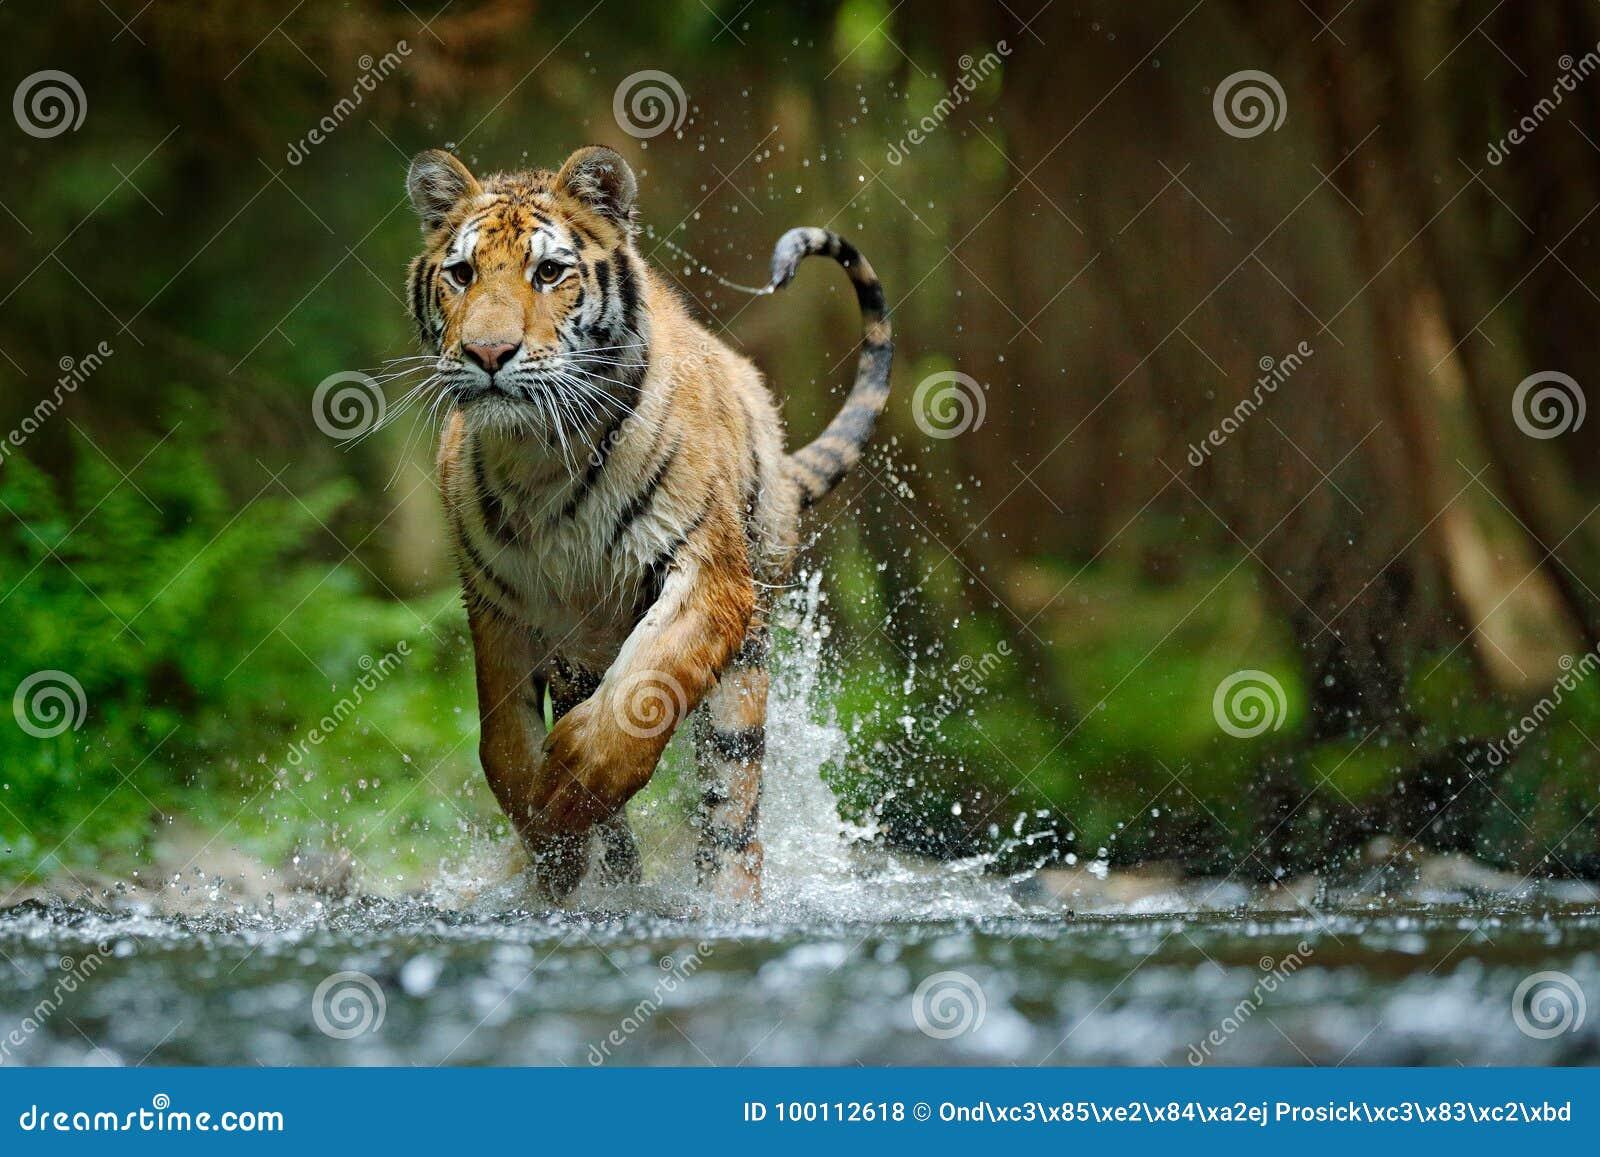 Amurtijger die in water lopen Gevaarsdier, tajga, Rusland Dier in bosstroom Grey Stone, rivierdruppeltje Siberische tijgerspla